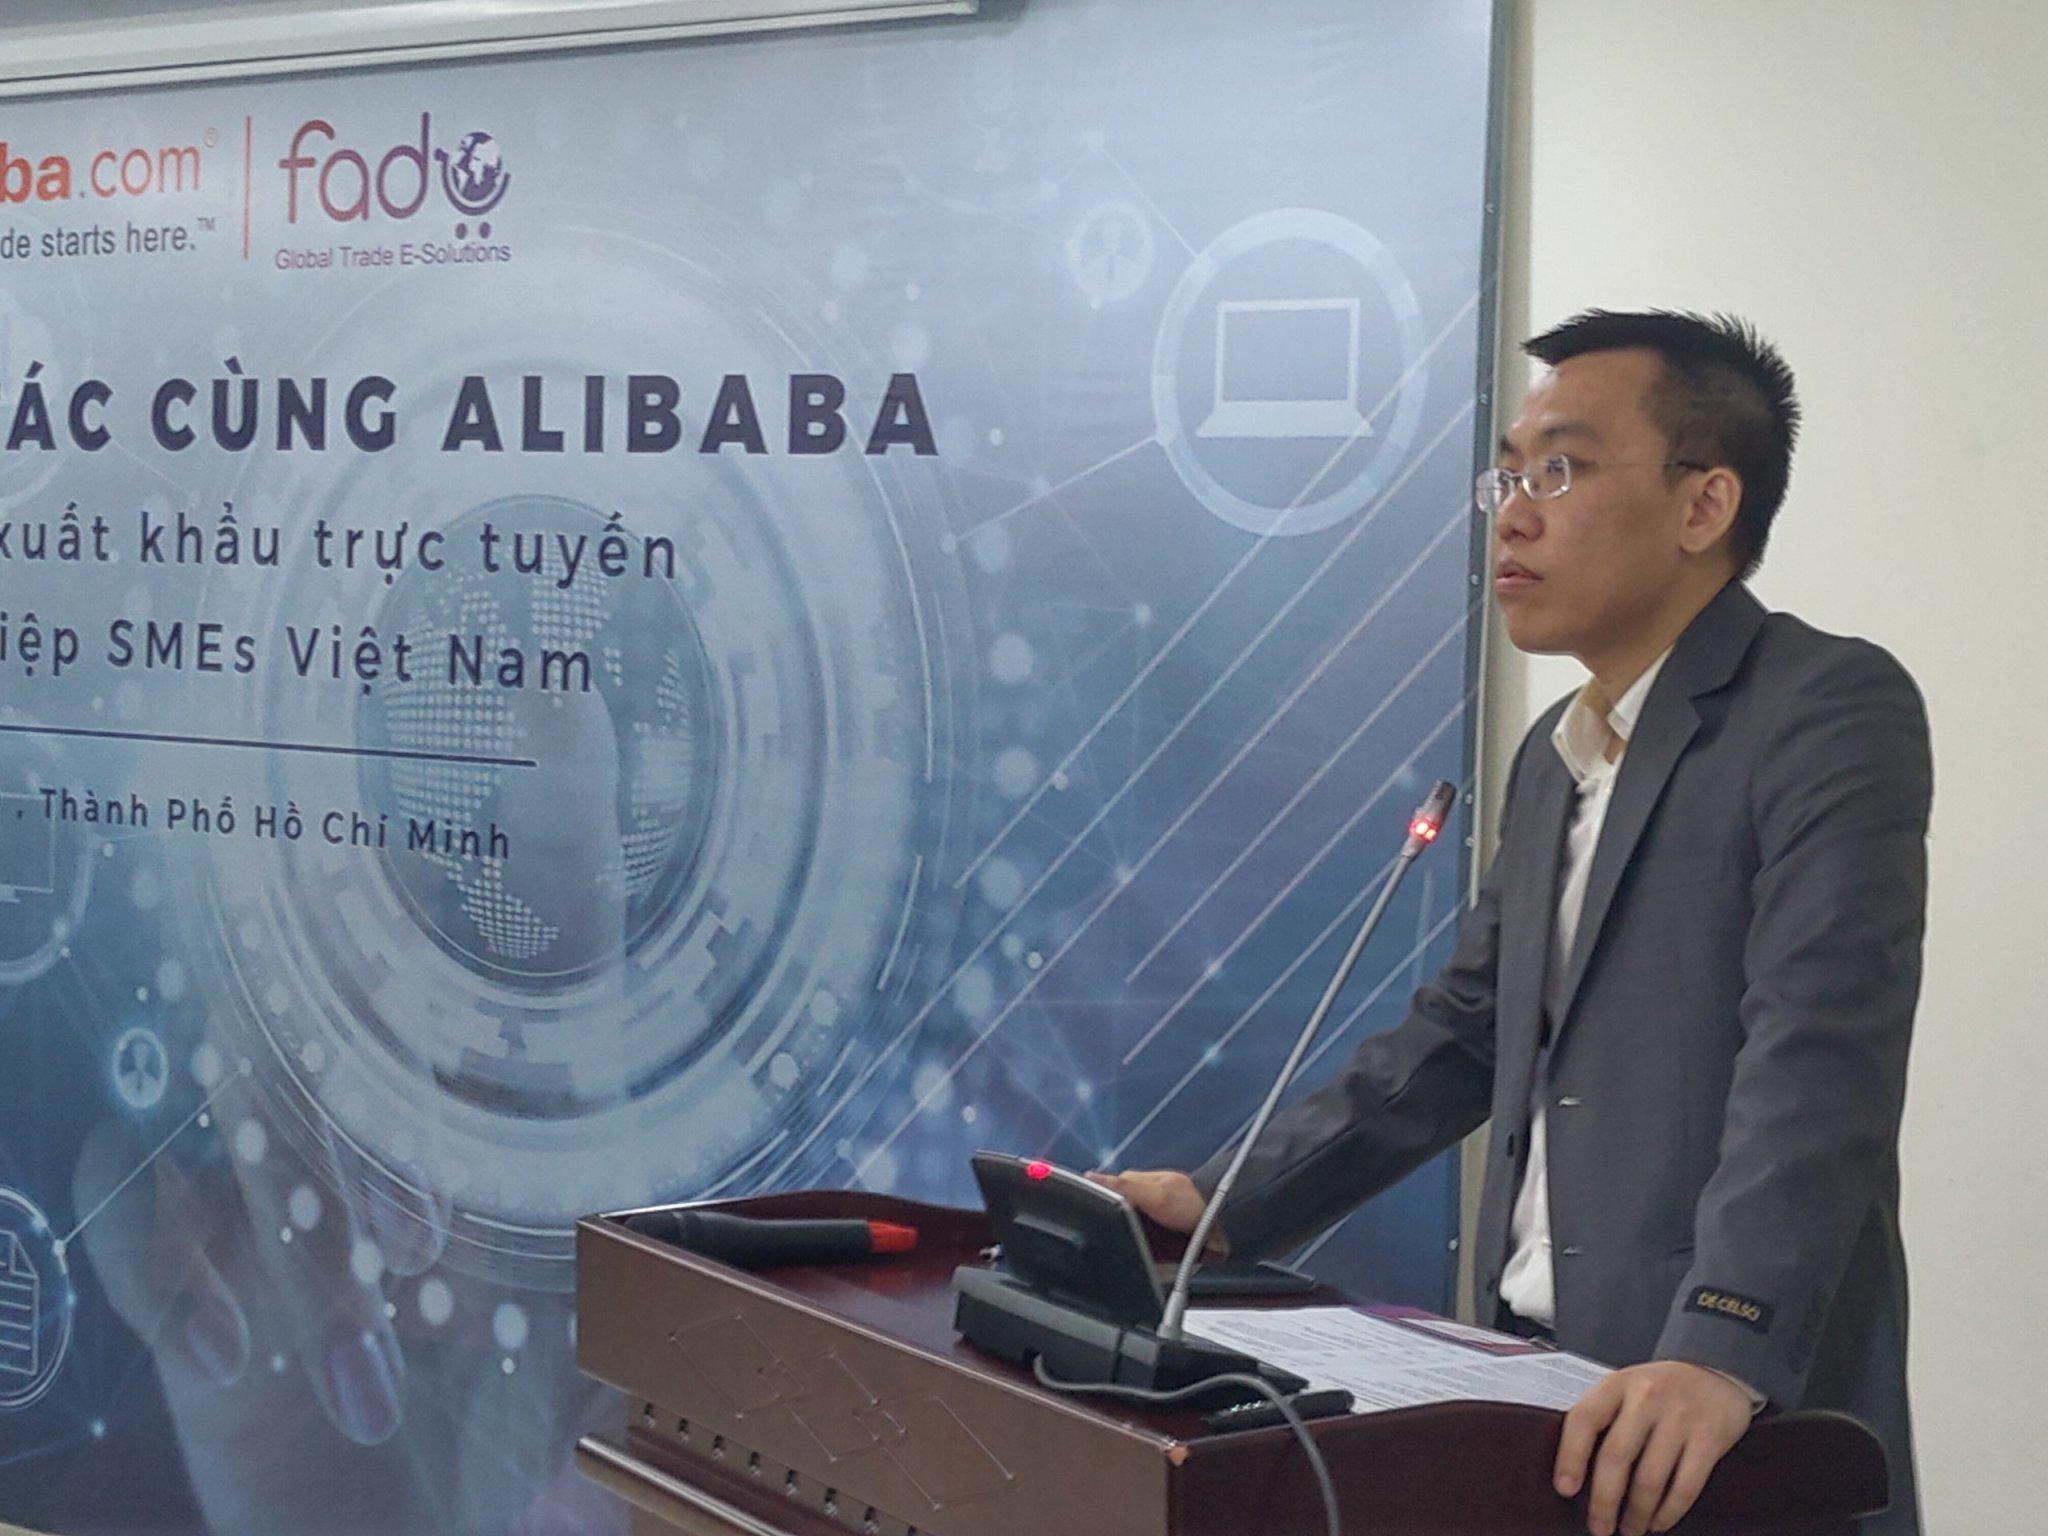 Công bố hợp tác giữa Alibaba.com và Fado.vn Ảnh 2